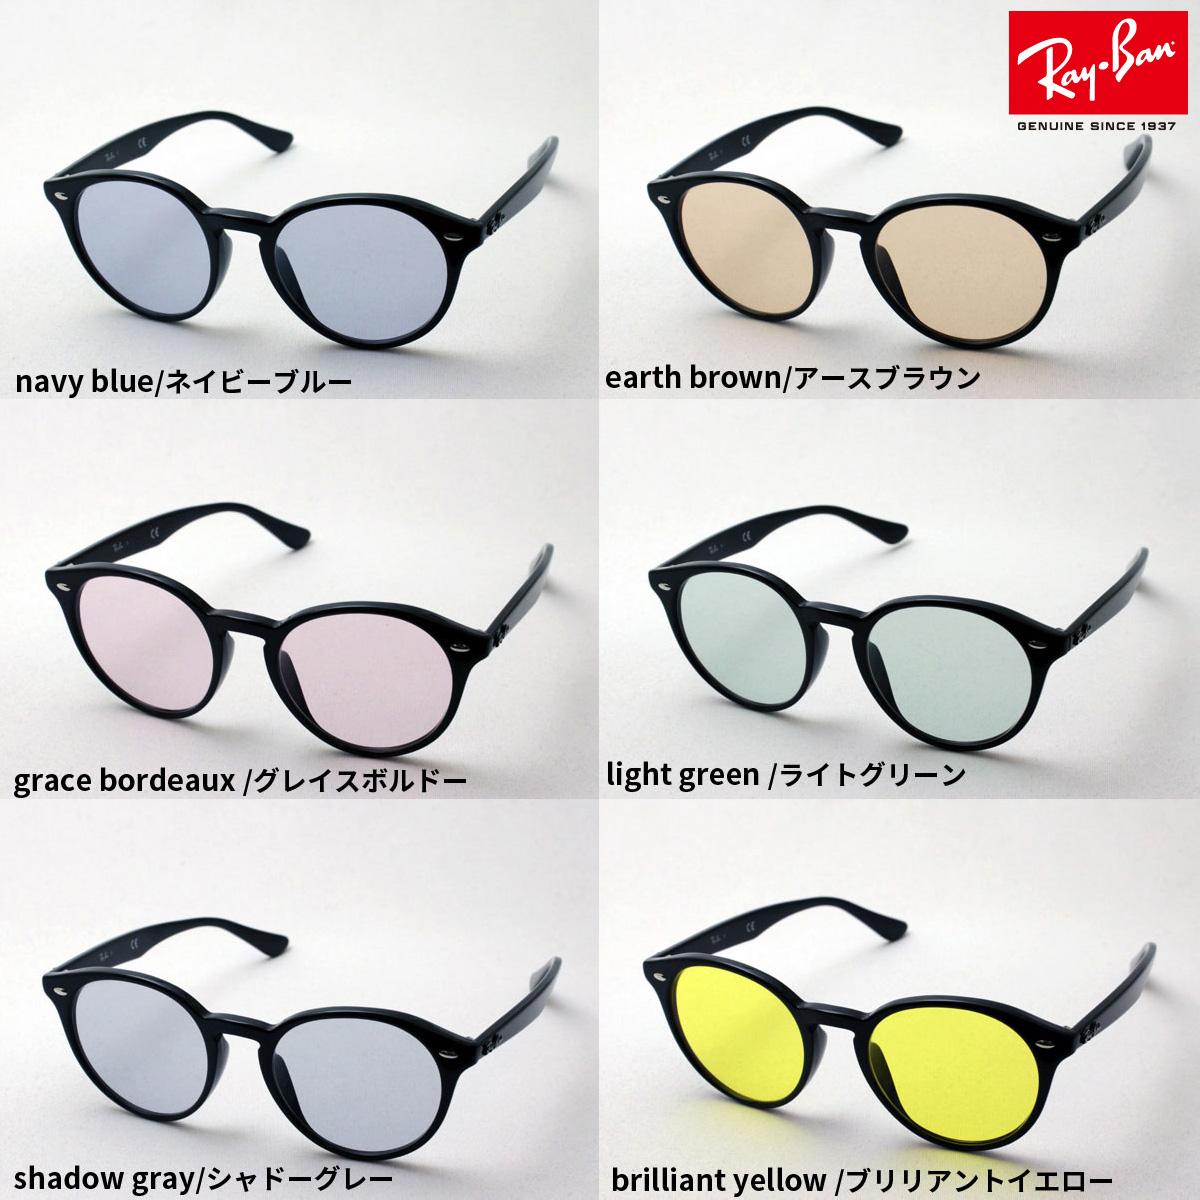 正規レイバン 日本最大級の品揃え レイバン サングラス Ray-Ban RX2180VF 2000 世界最高峰レンズメーカーHOYA製 ライトカラー レディース メンズ メガネ メガネフレーム RayBan light color ボストン